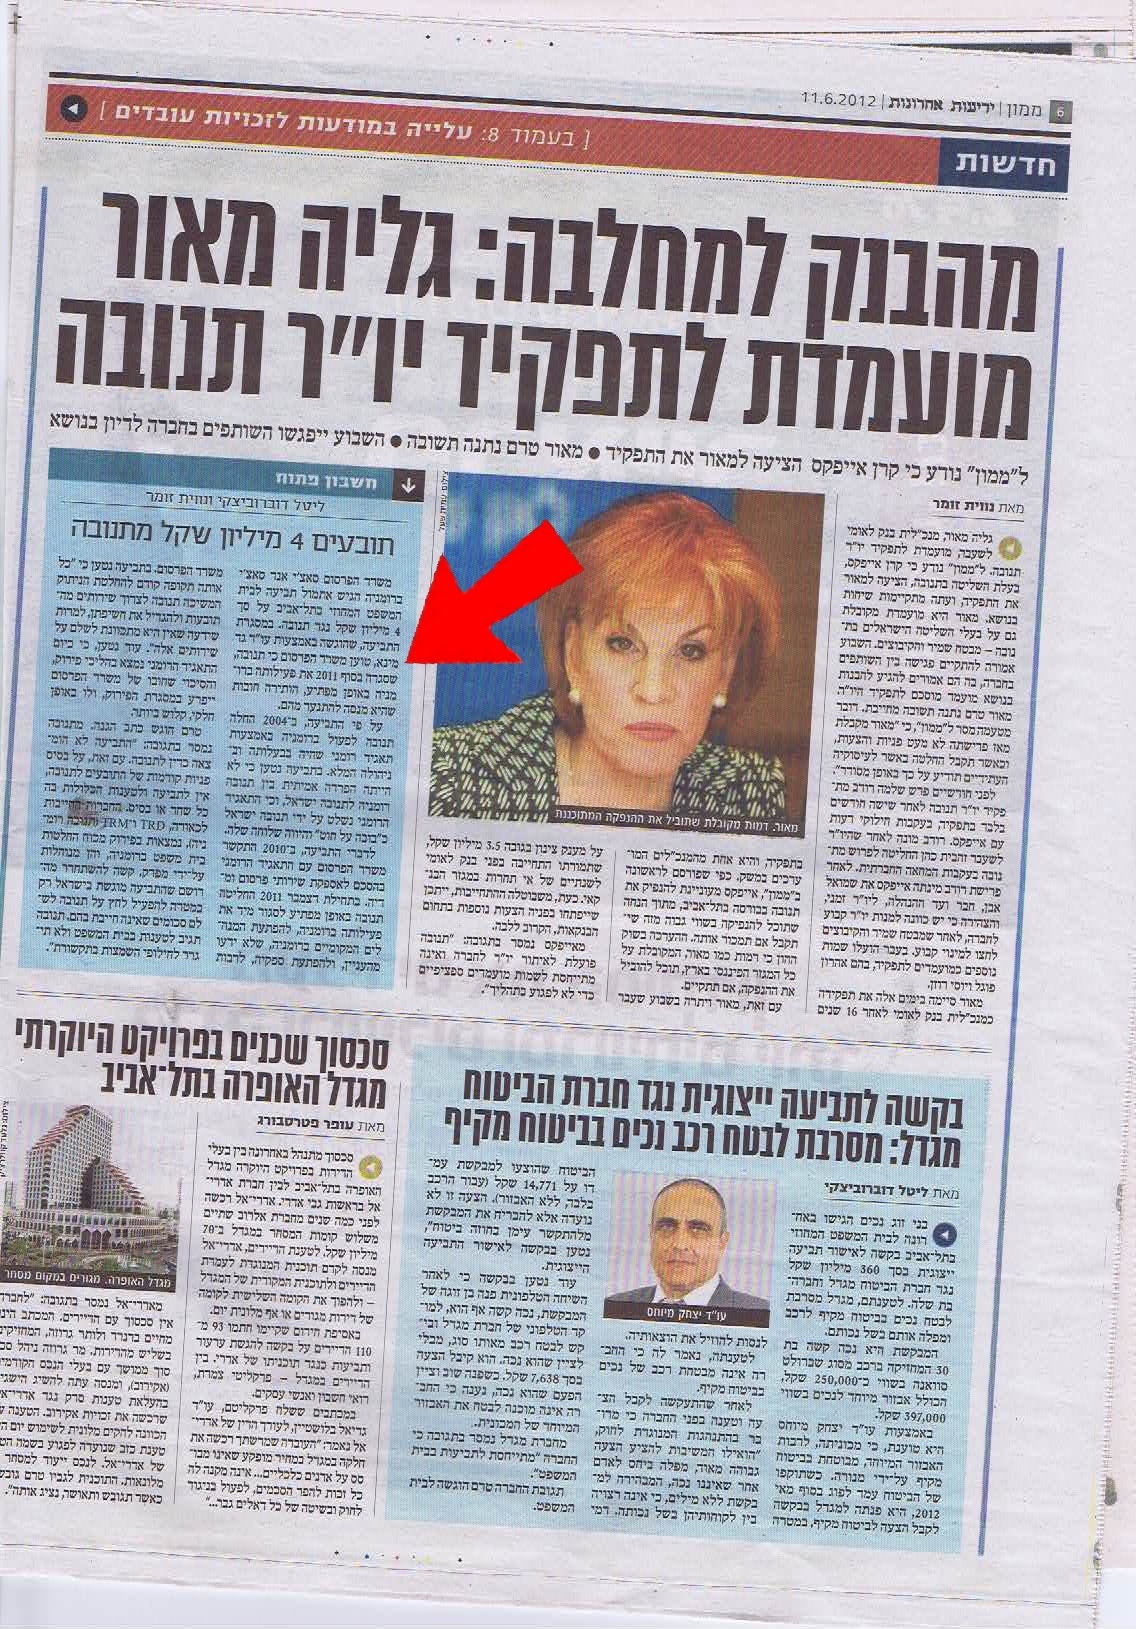 ידיעות ממון 11.6.2012